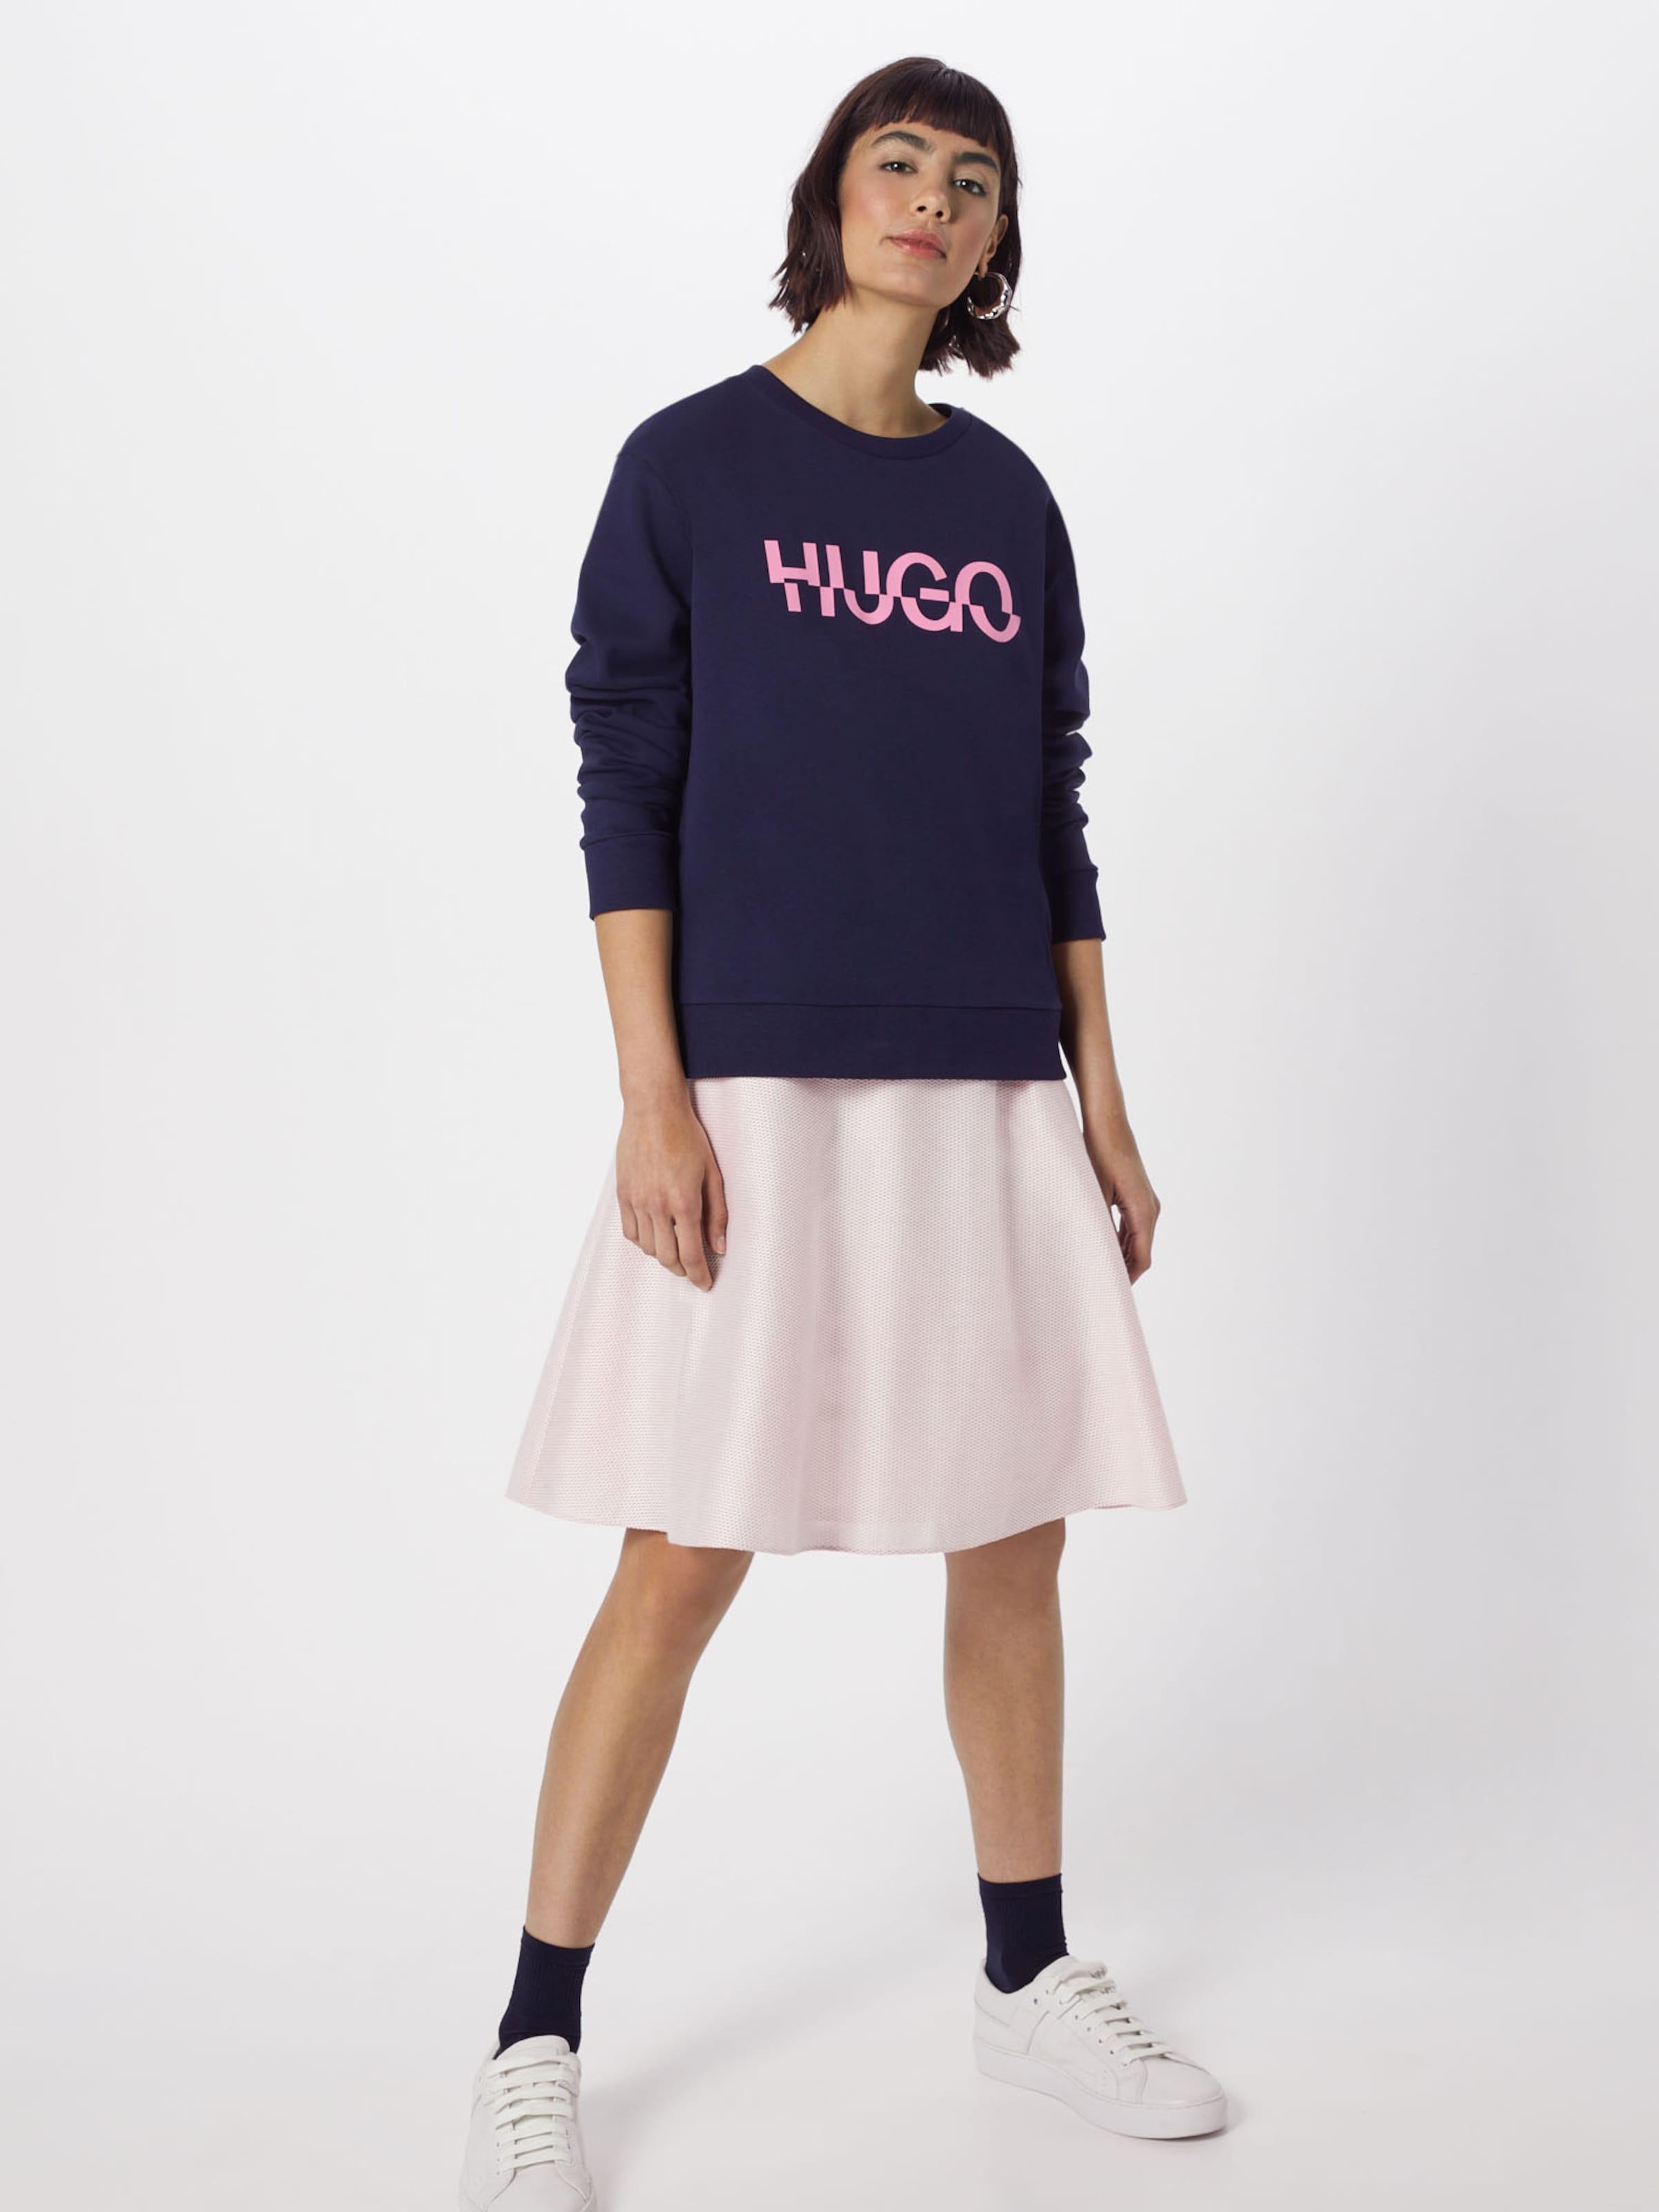 Navy Hugo 'nicci Sweatshirts In 1' D2HI9E